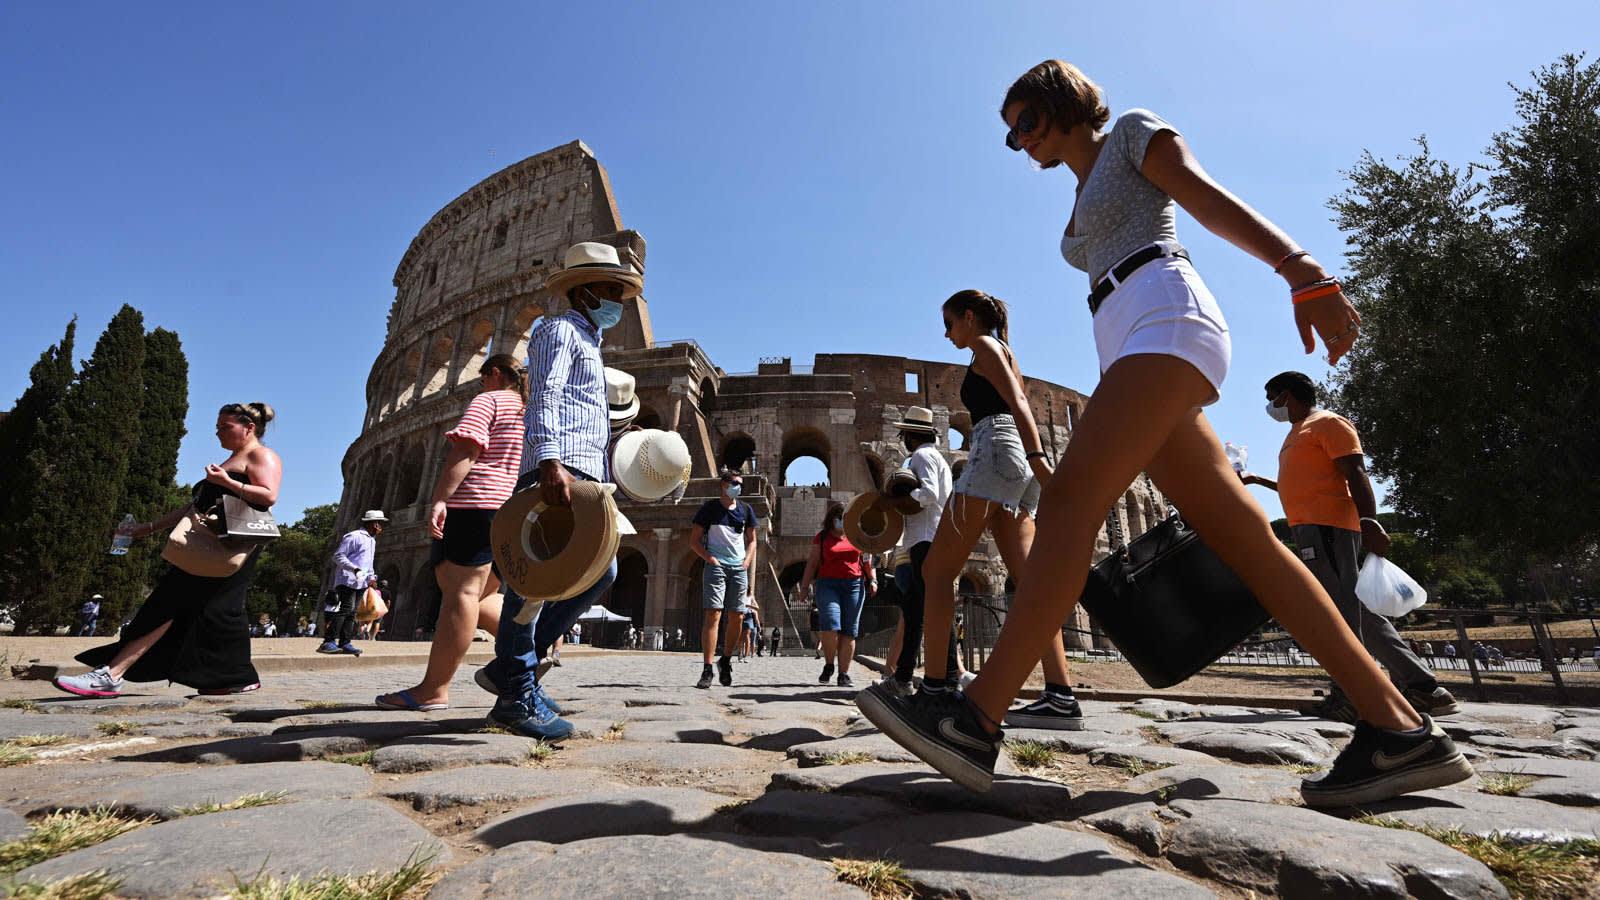 ثنائي يهرب من كاليفورنيا إلى إيطاليا مع ارتفاع حالات كورونا